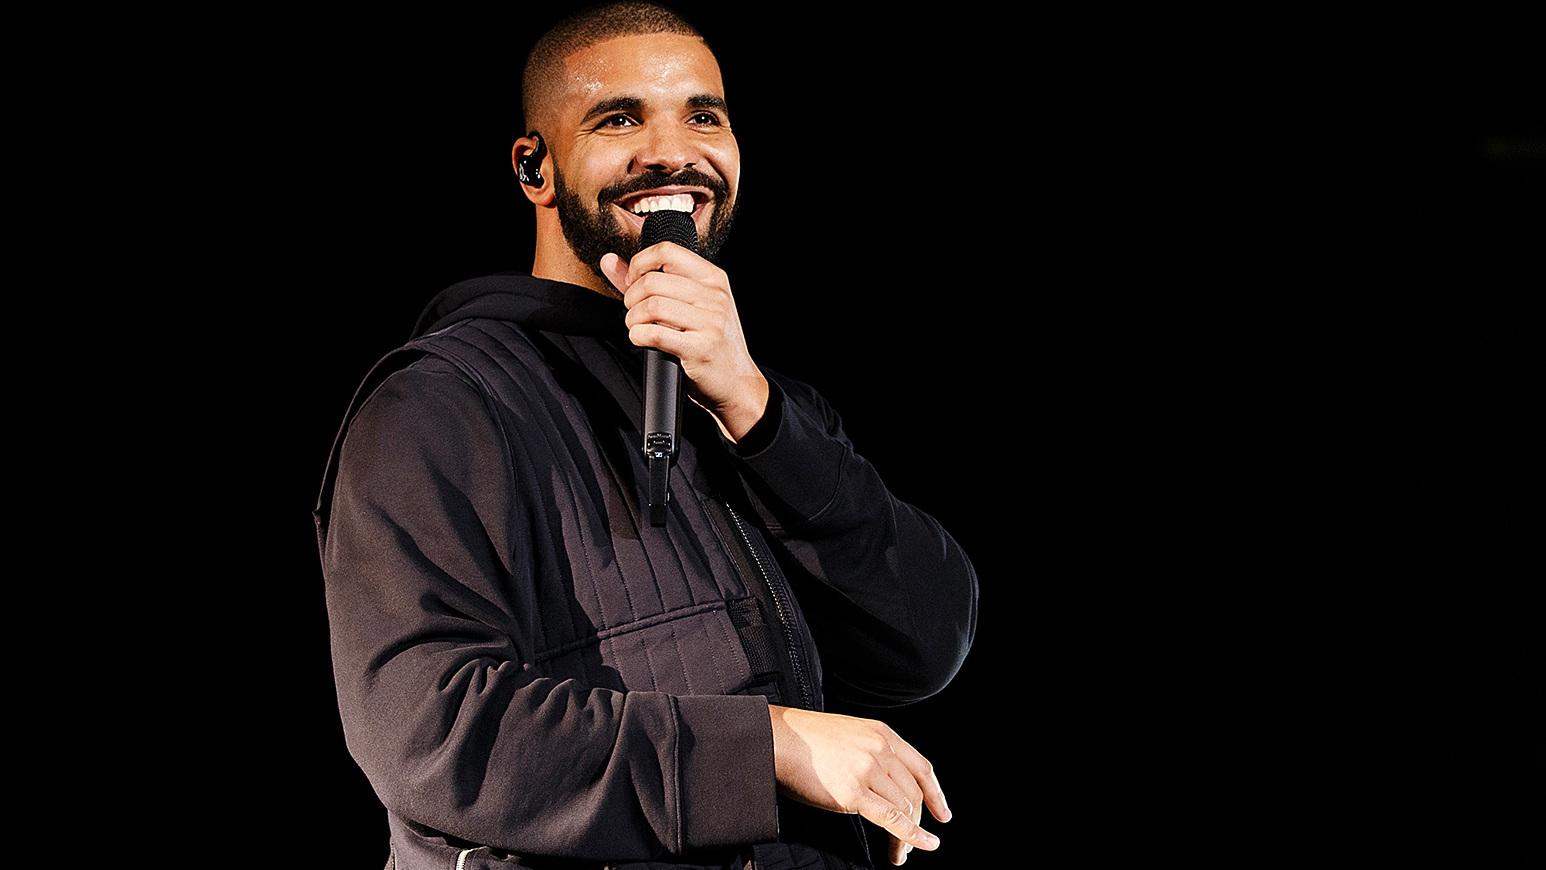 Прокуроры отбелили рэпера Дрейка ради борьбы с наркотиками. Фото очень странного плаката